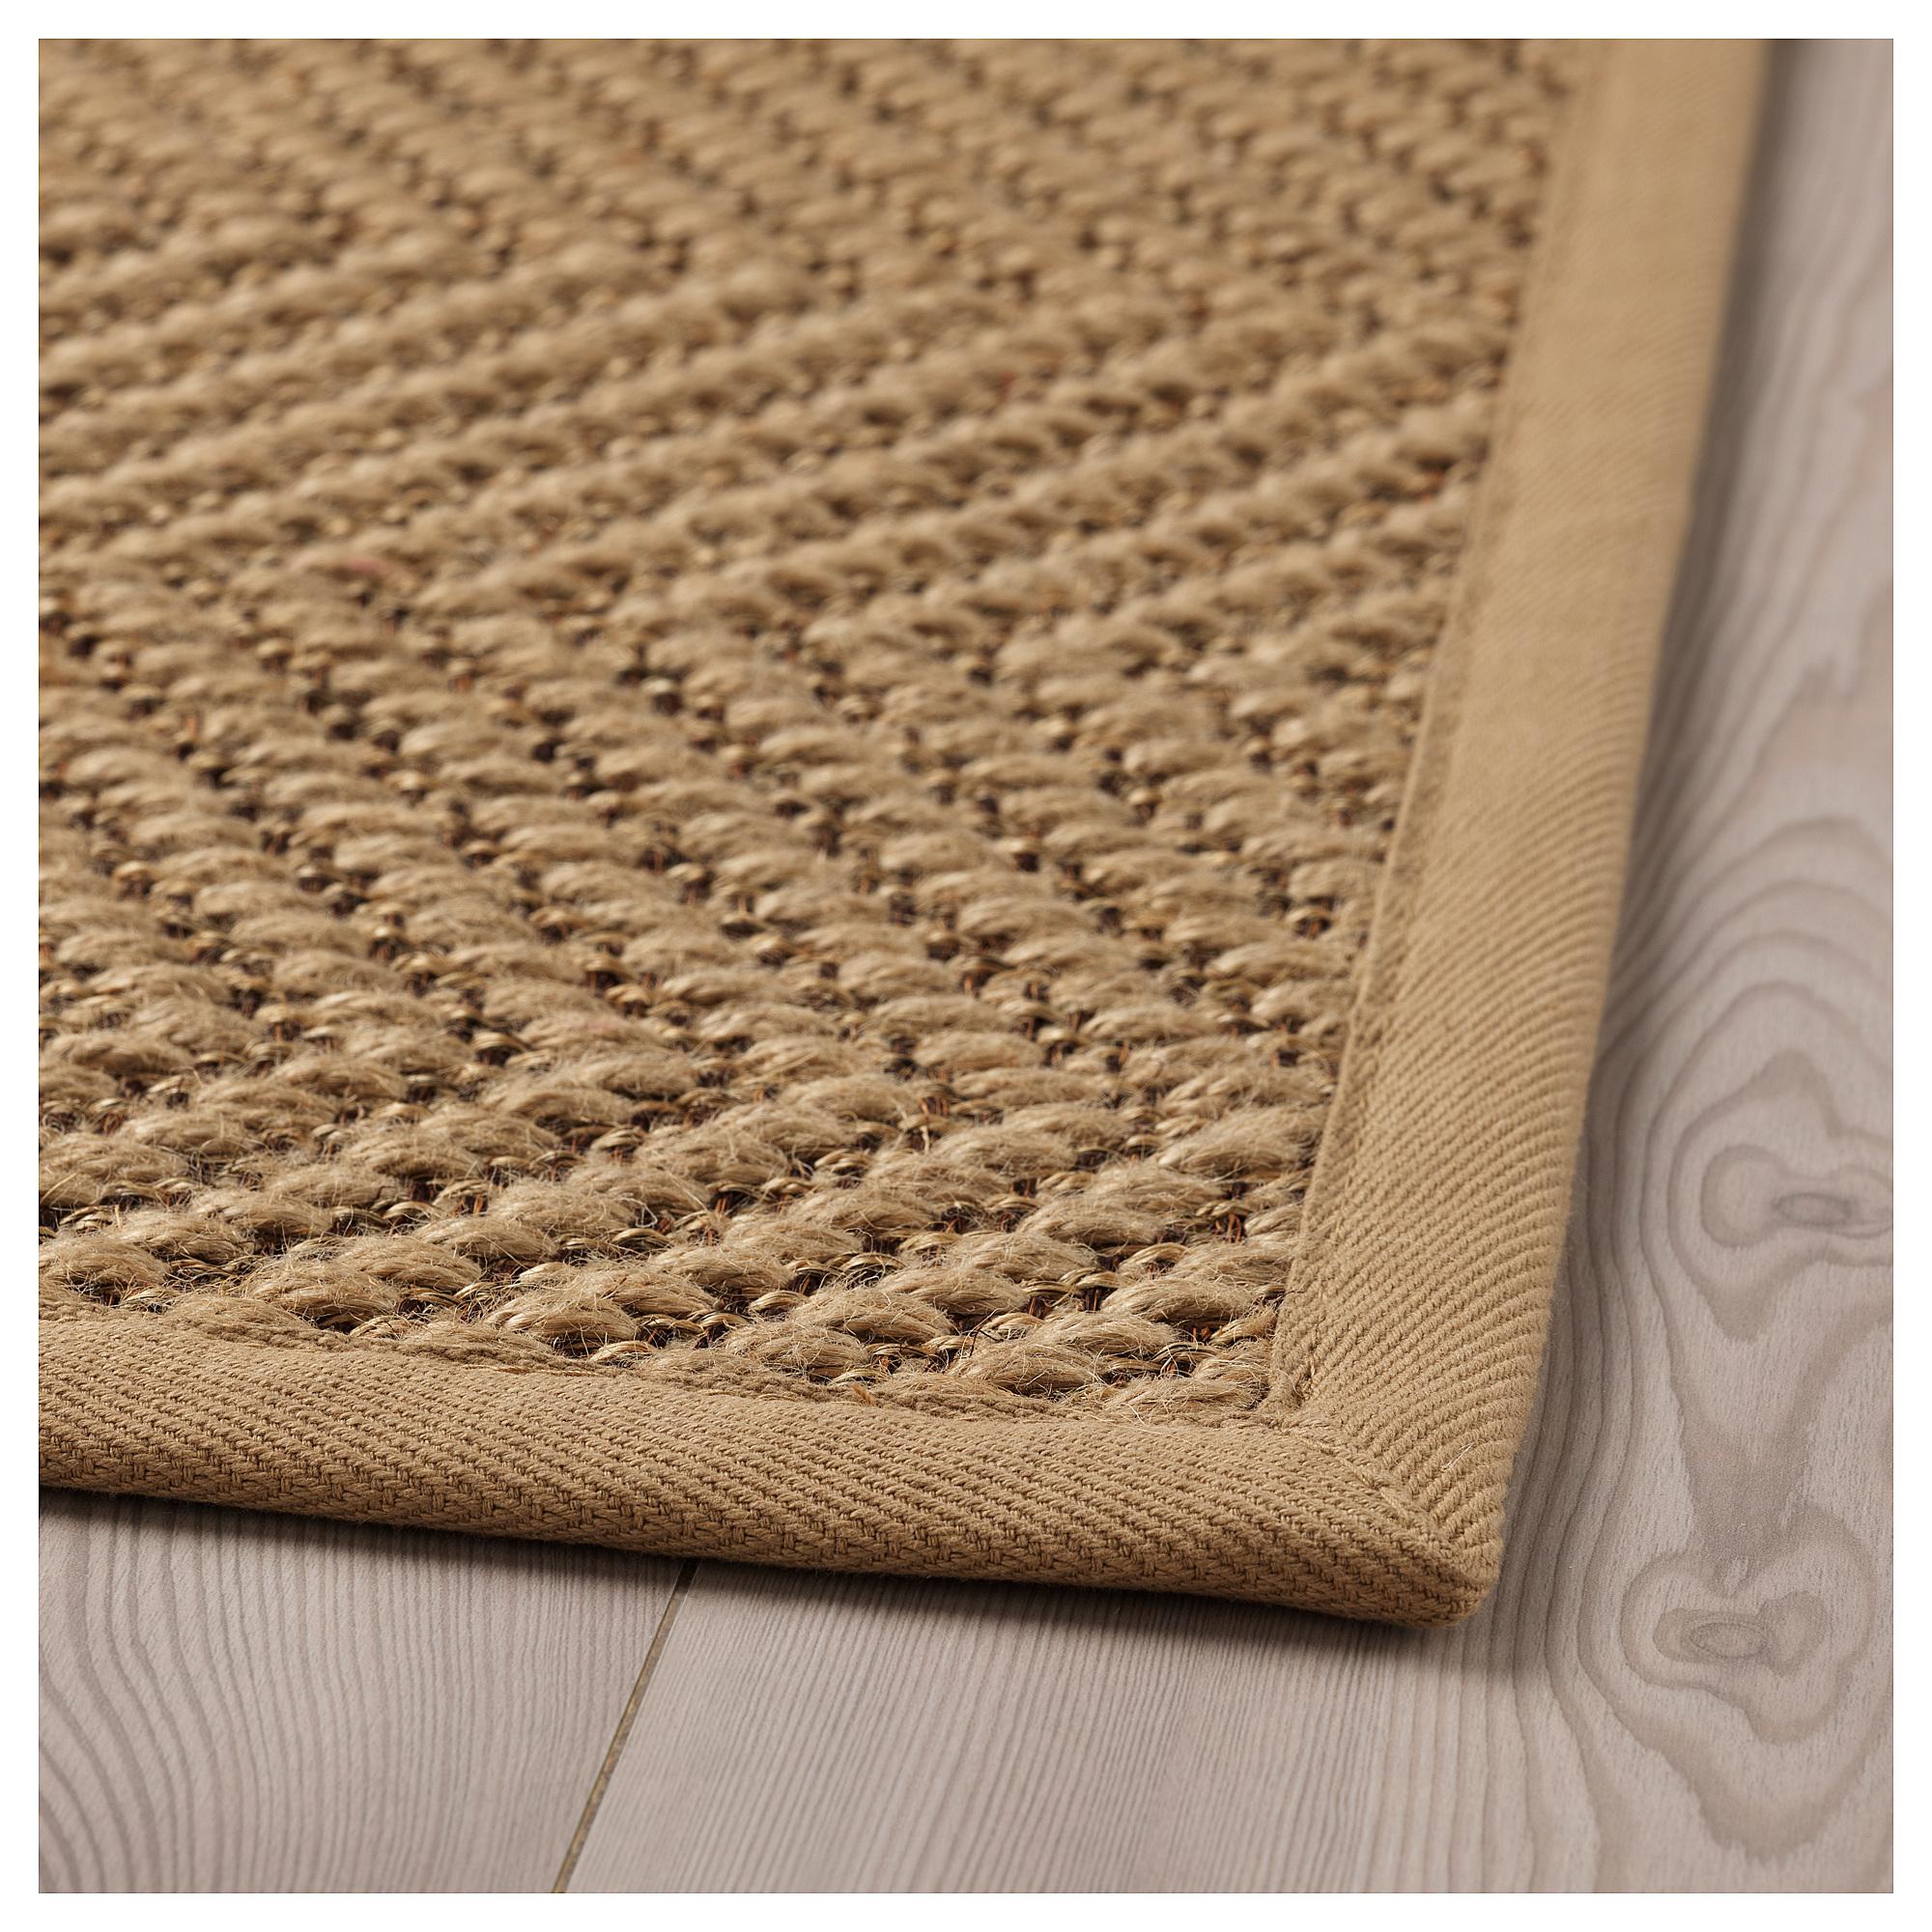 hellested rug flatwoven natural brown ikea hong kong. Black Bedroom Furniture Sets. Home Design Ideas